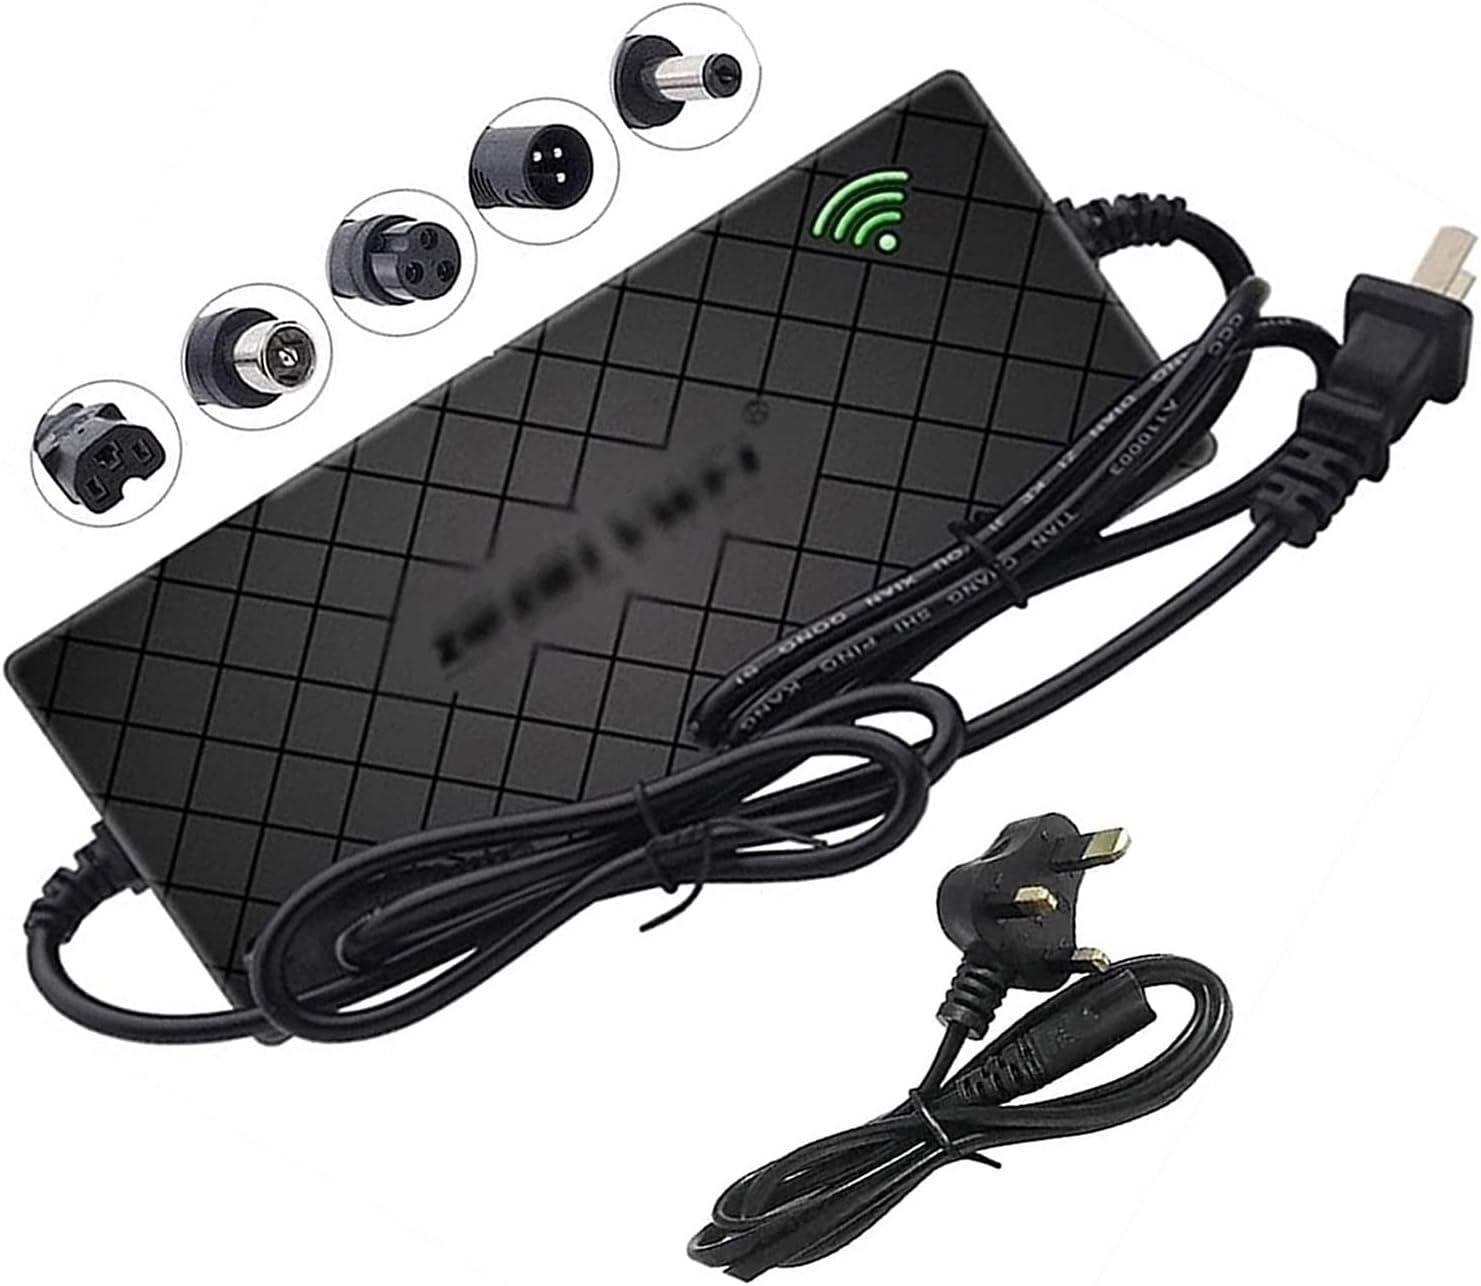 SKYWPOJU Cargador de batería de Litio de 24 V / 36 V / 48 V Salida de Carga 29,4 V 42 V 54,6 V 2A para baterías de Bicicleta eléctrica